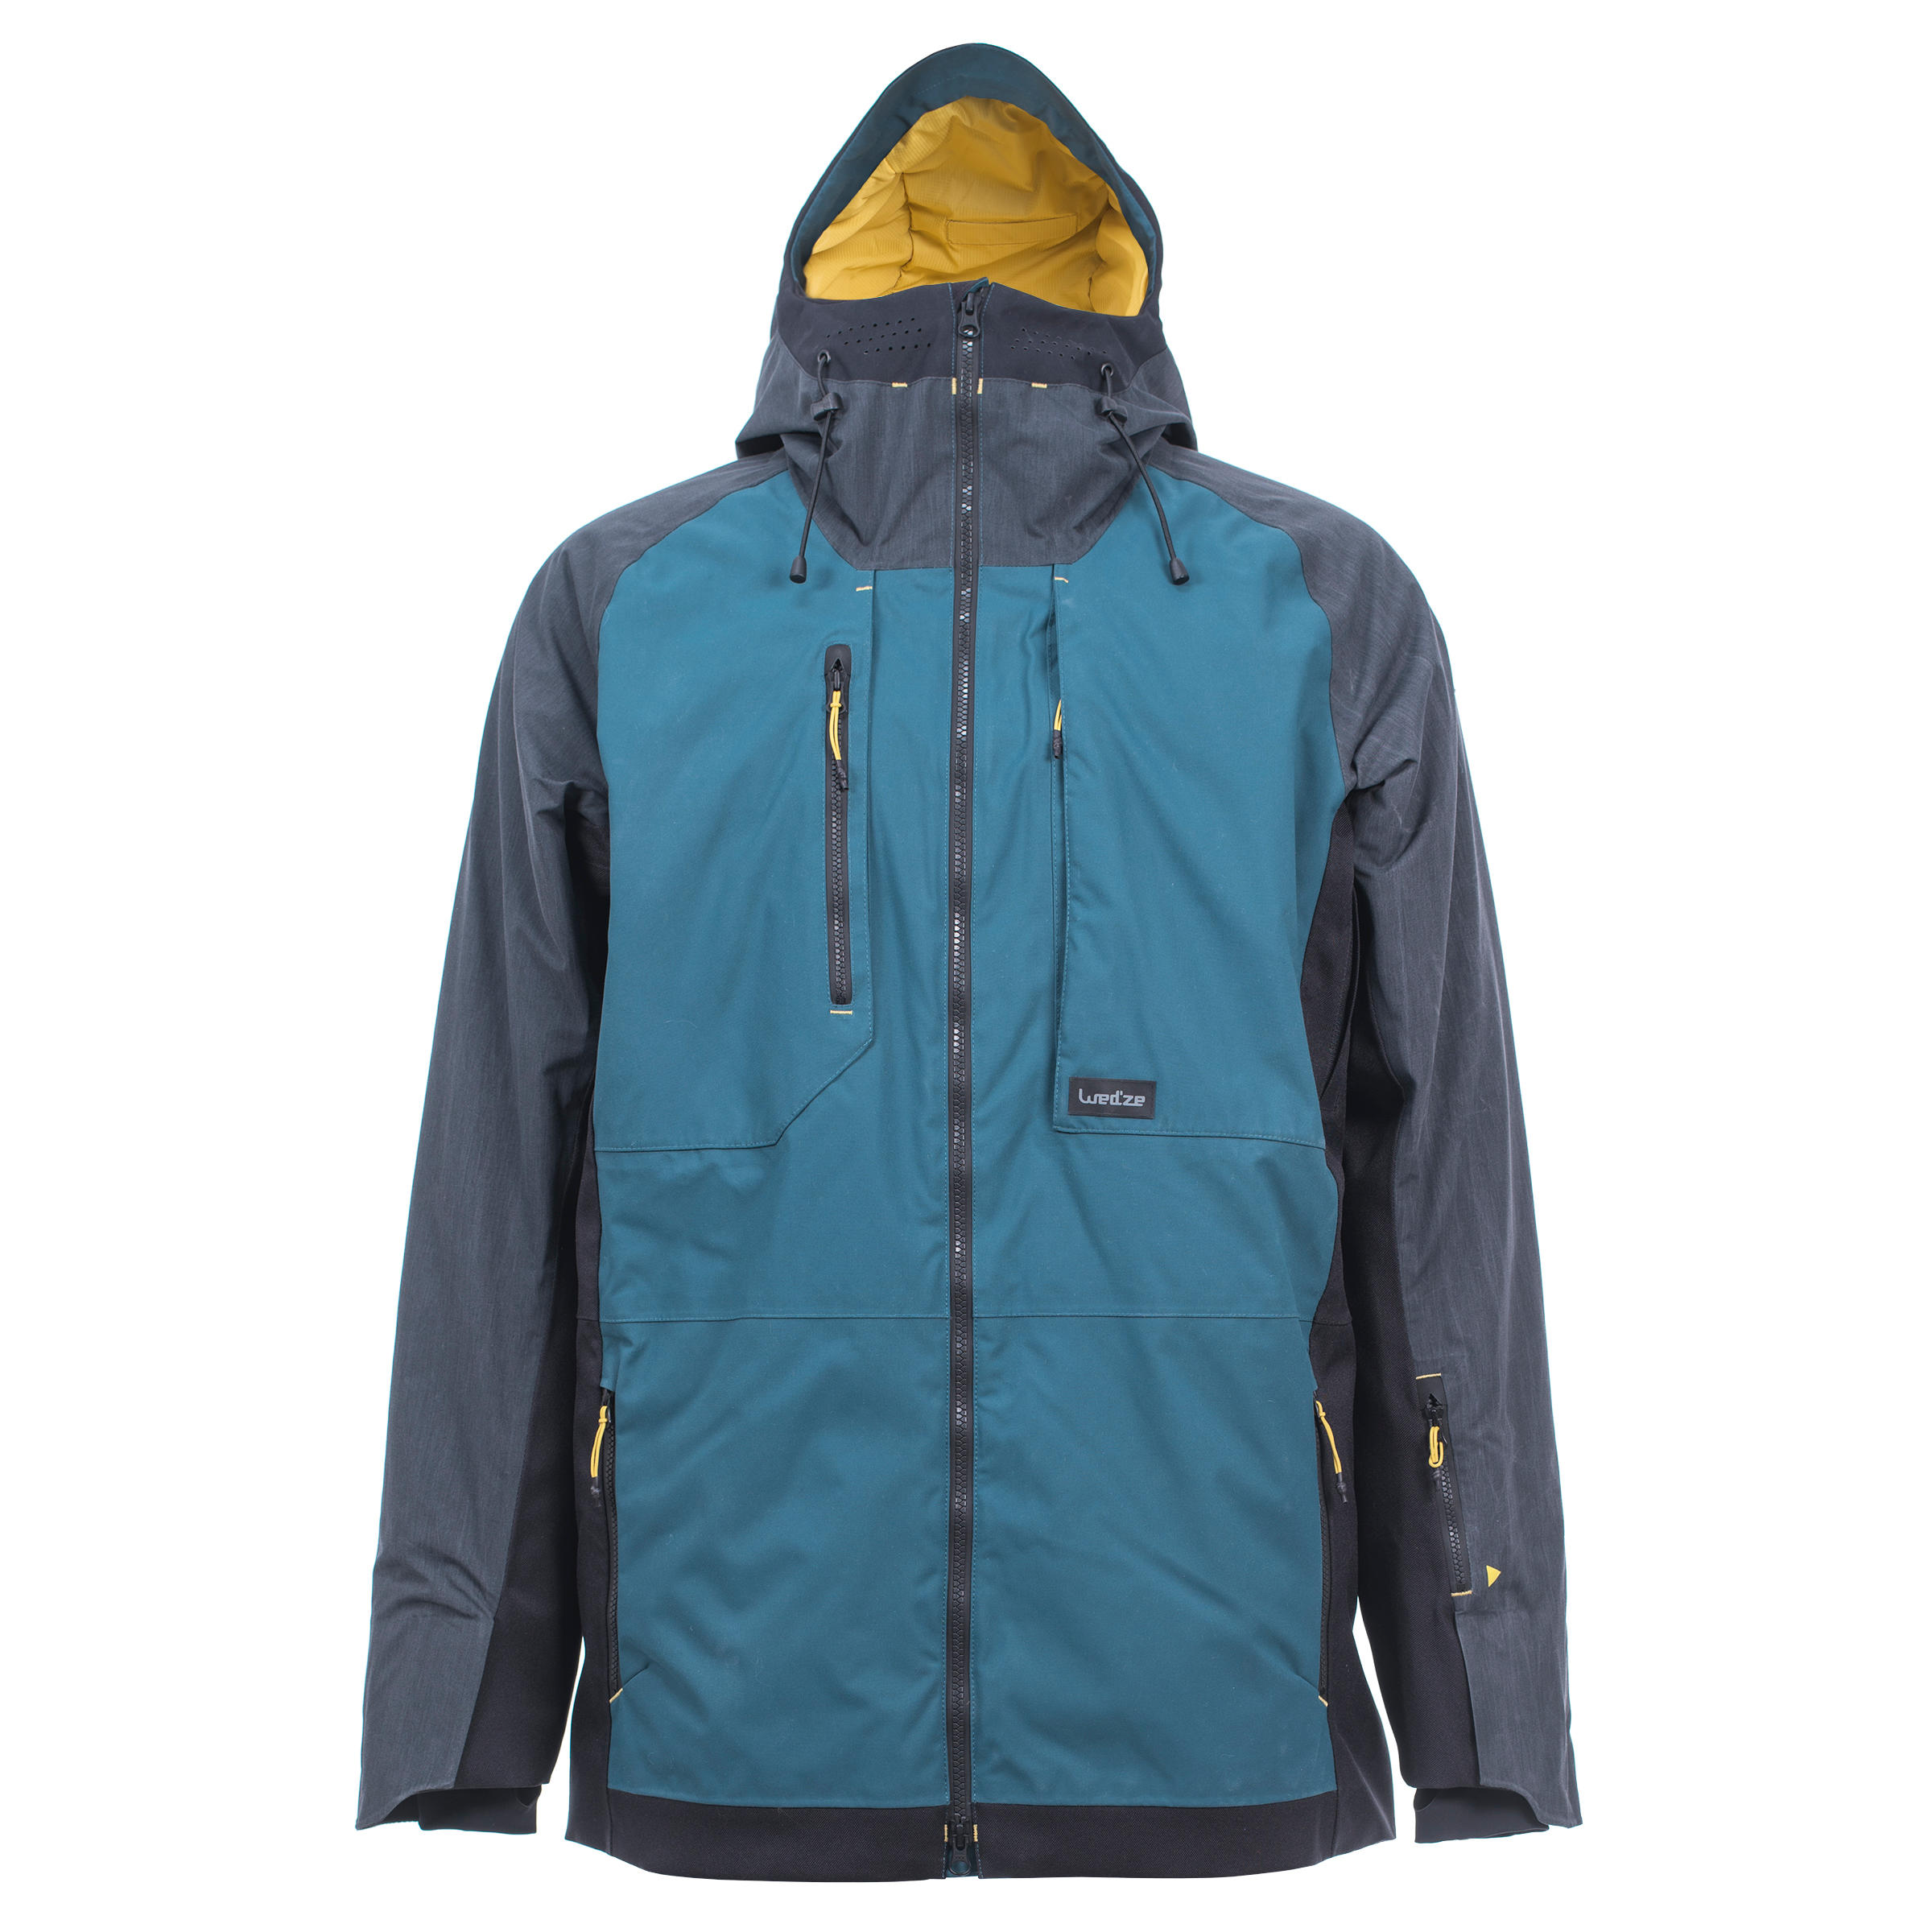 e6a874c5227 manteau-de-planche-a-neige-et-de-ski-homme-snb-jkt-900-petrole.jpg